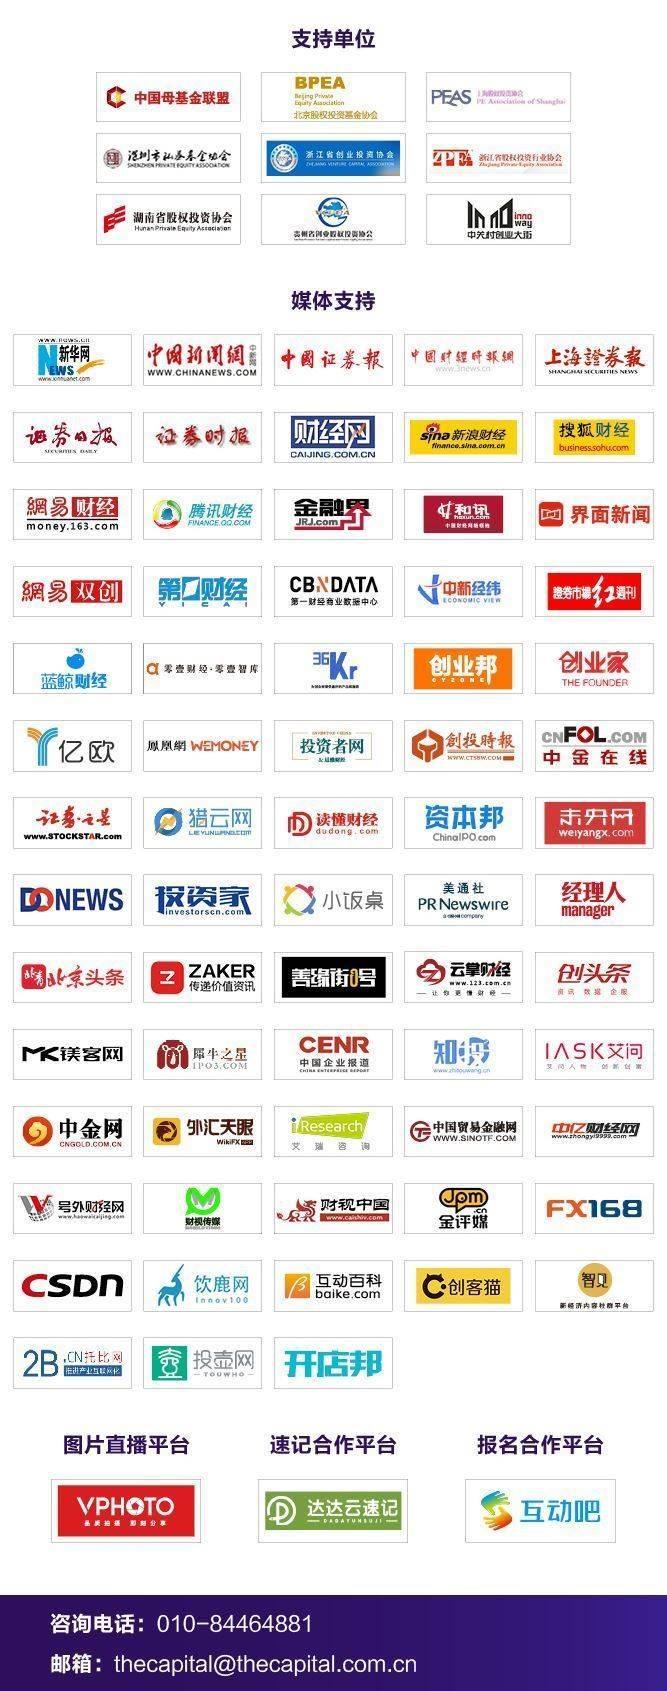 融资中国2019股权产业投资峰会-报名网站7.16_06.jpg